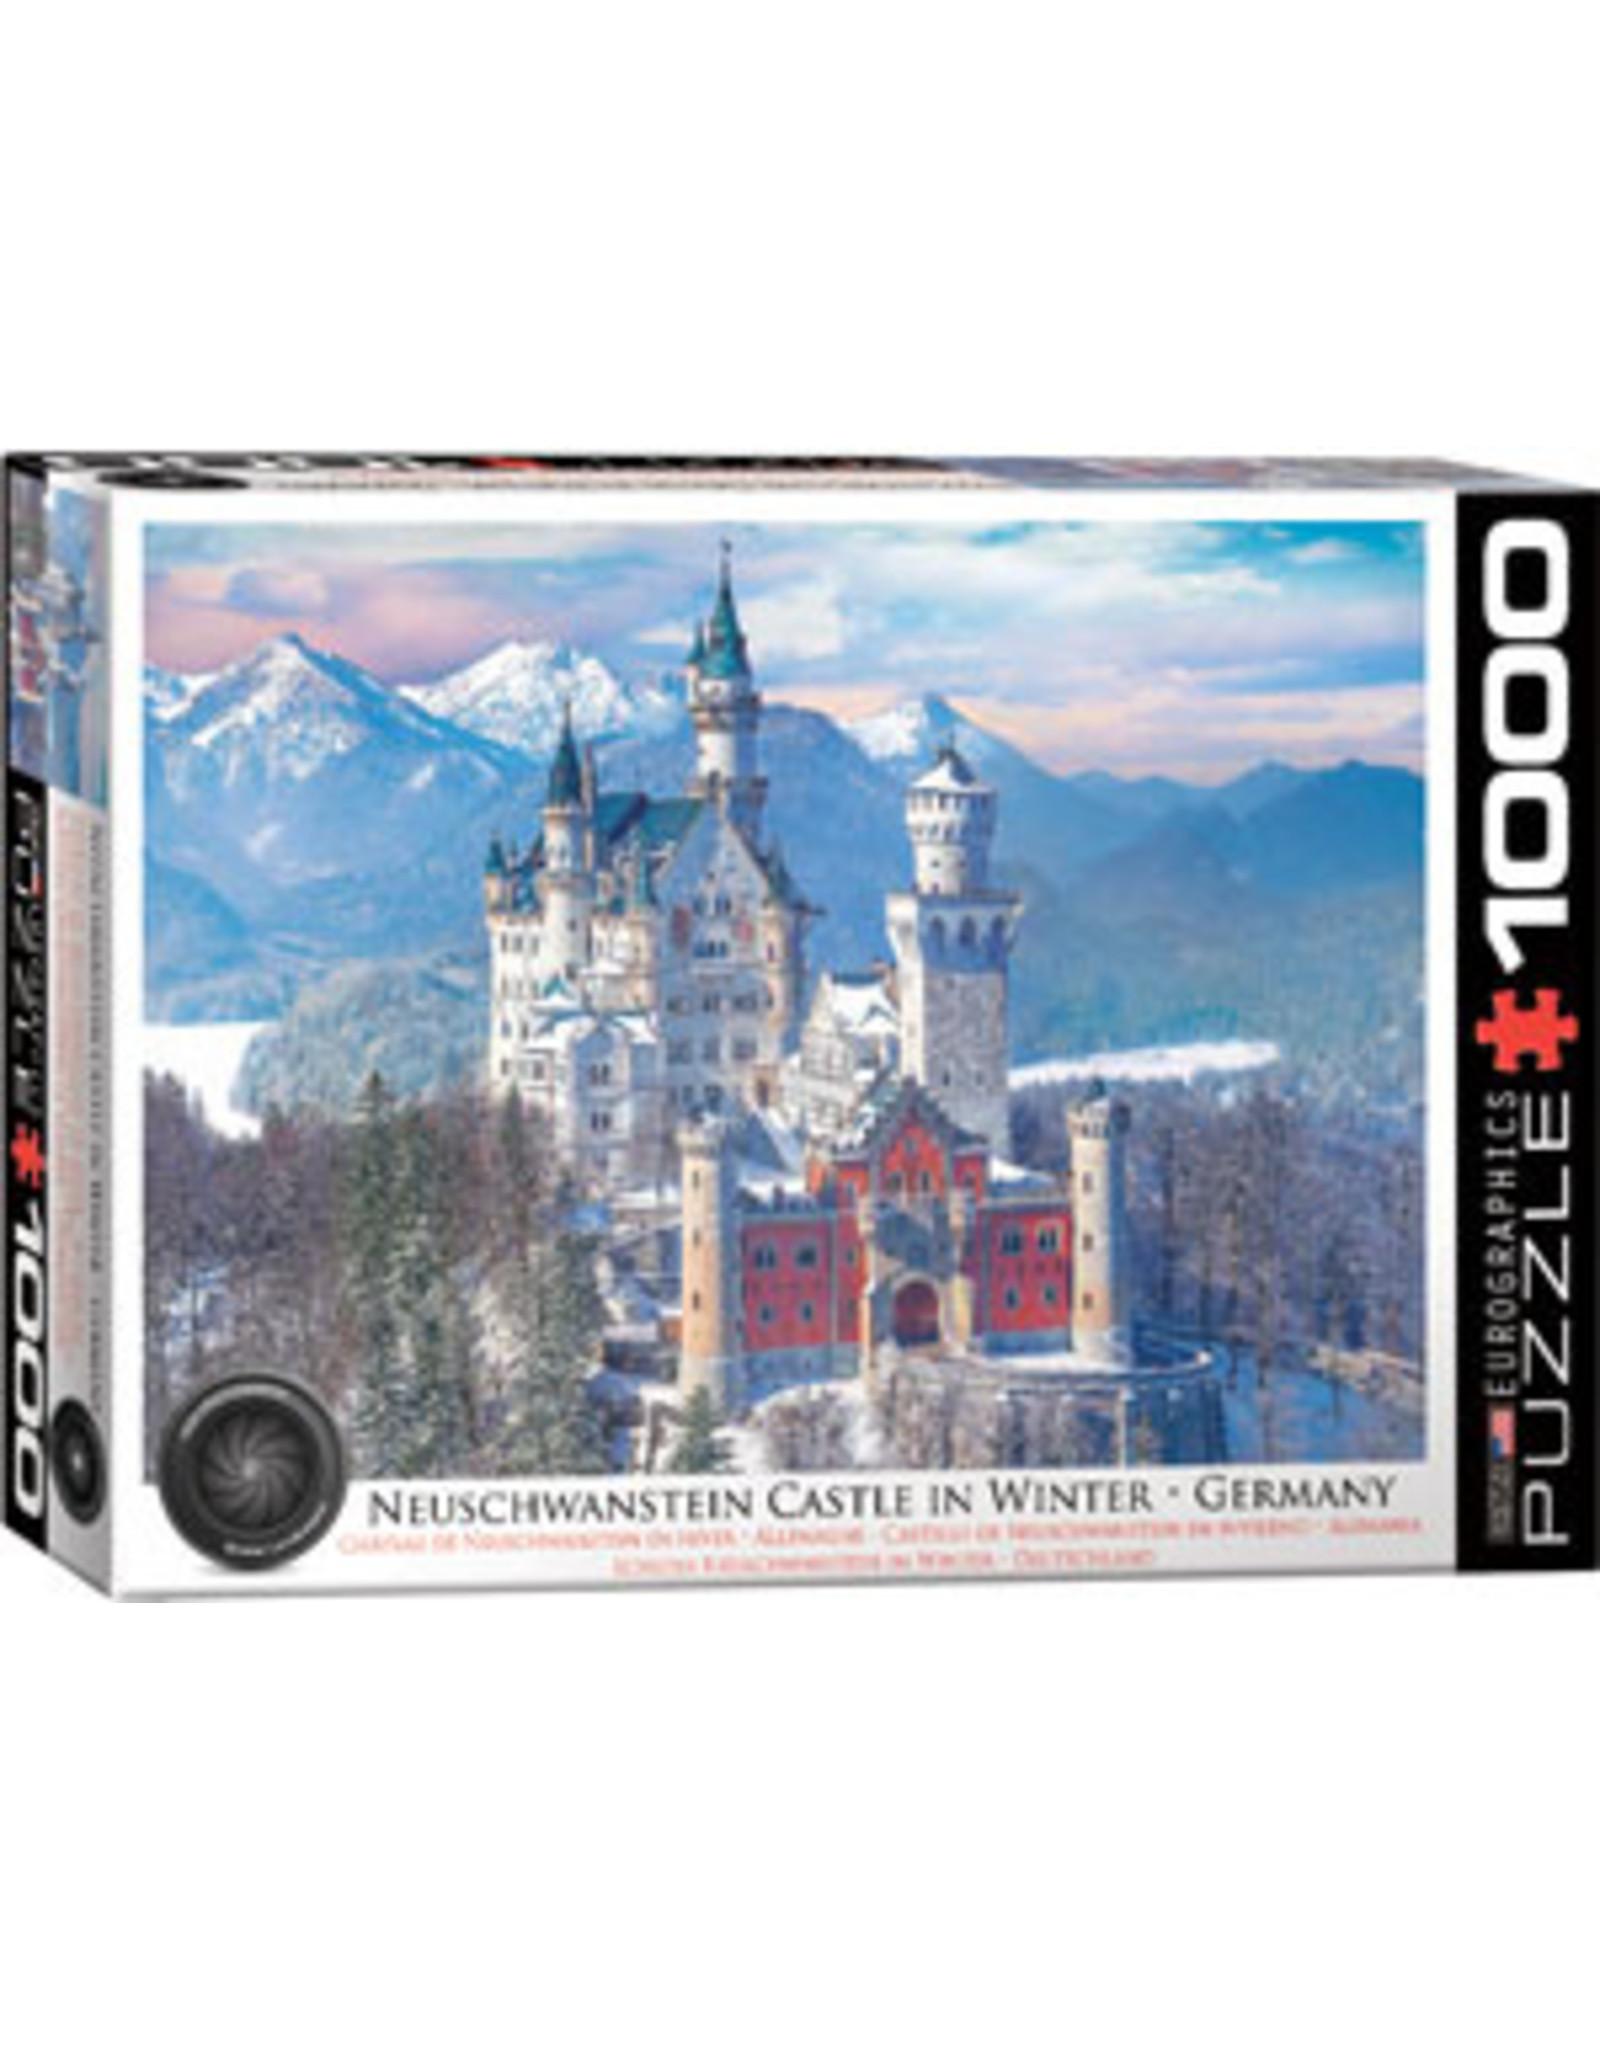 Eurographics Neuschwanstein Castle in Winter